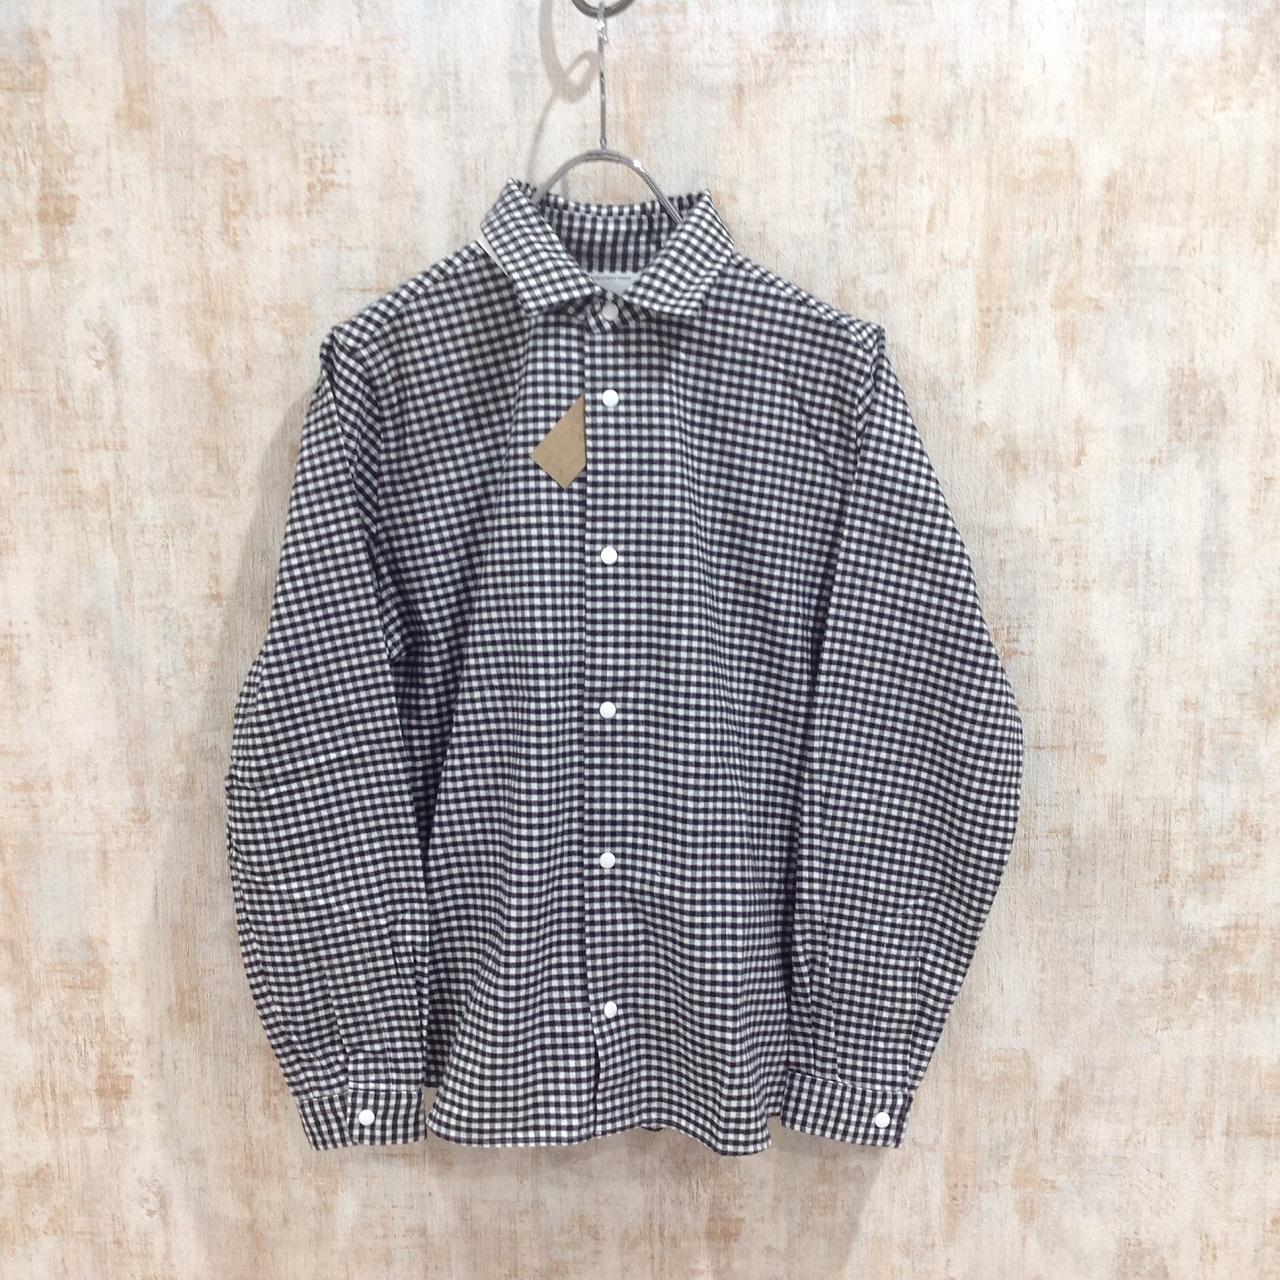 ヤエカ コンフォートシャツ リラックス comfort shirt